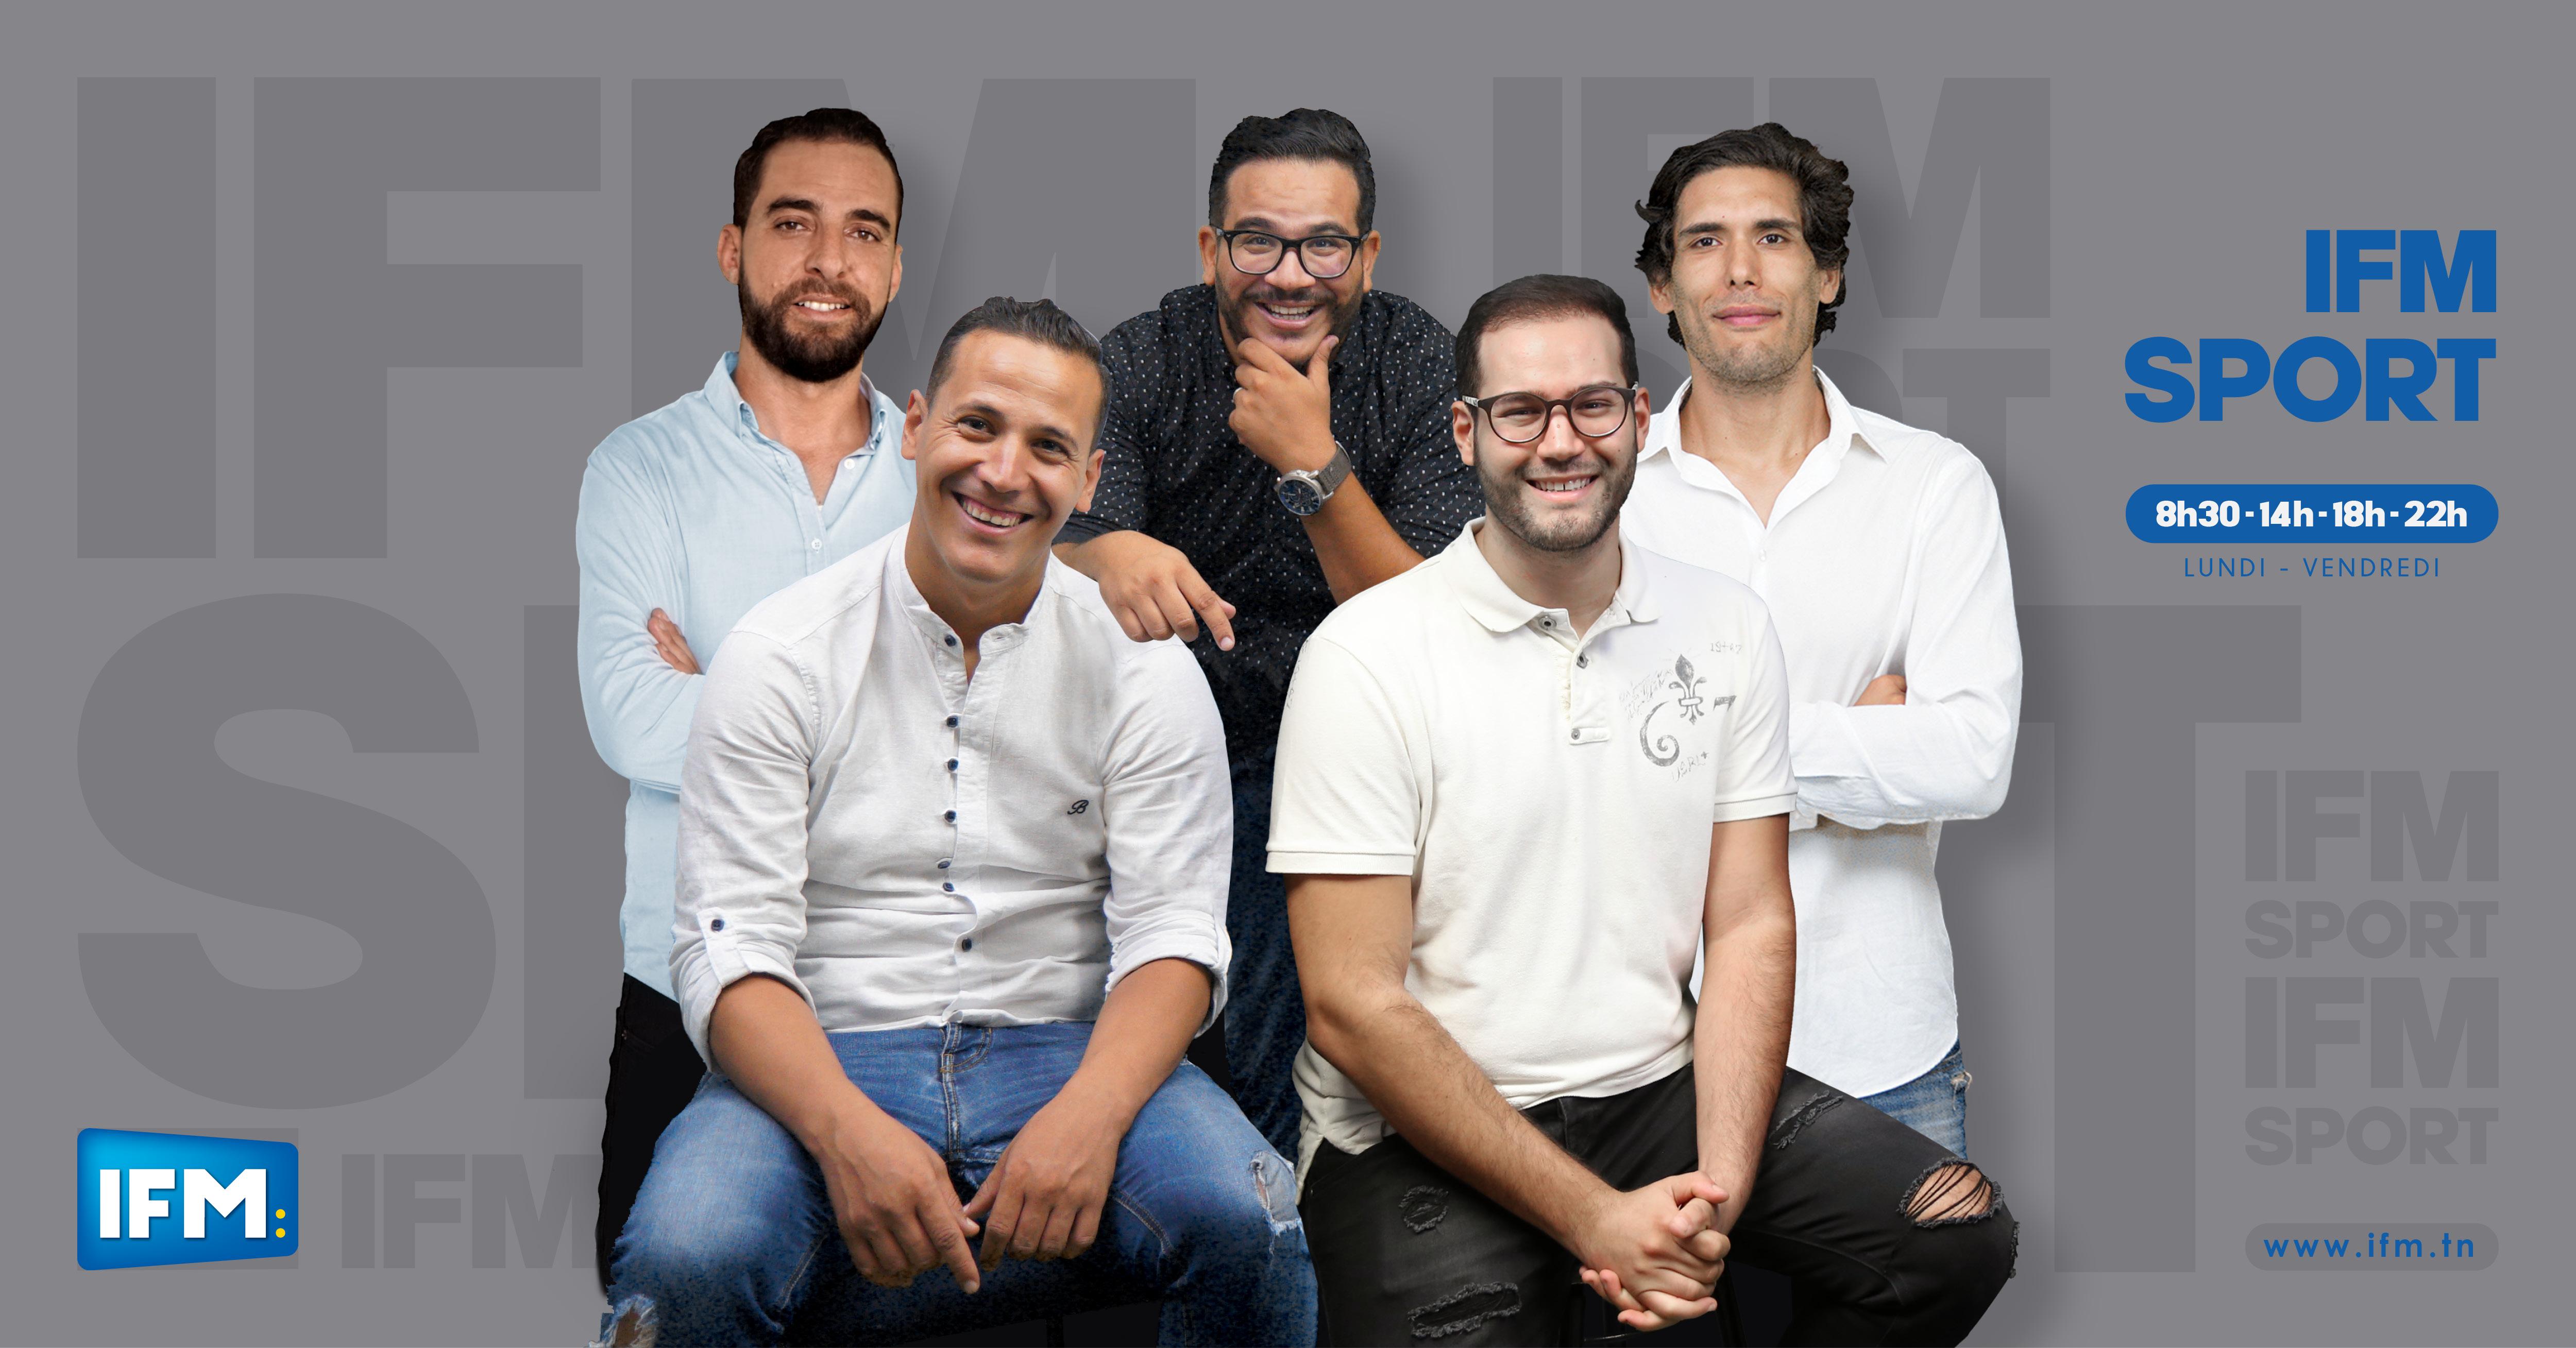 بعد 50 سنة المنتخب الوطني التونسي يفوز على المنتخب الليبي في ليبيا الترجي يعلن على شفاء لاعبو فلاش سبورت